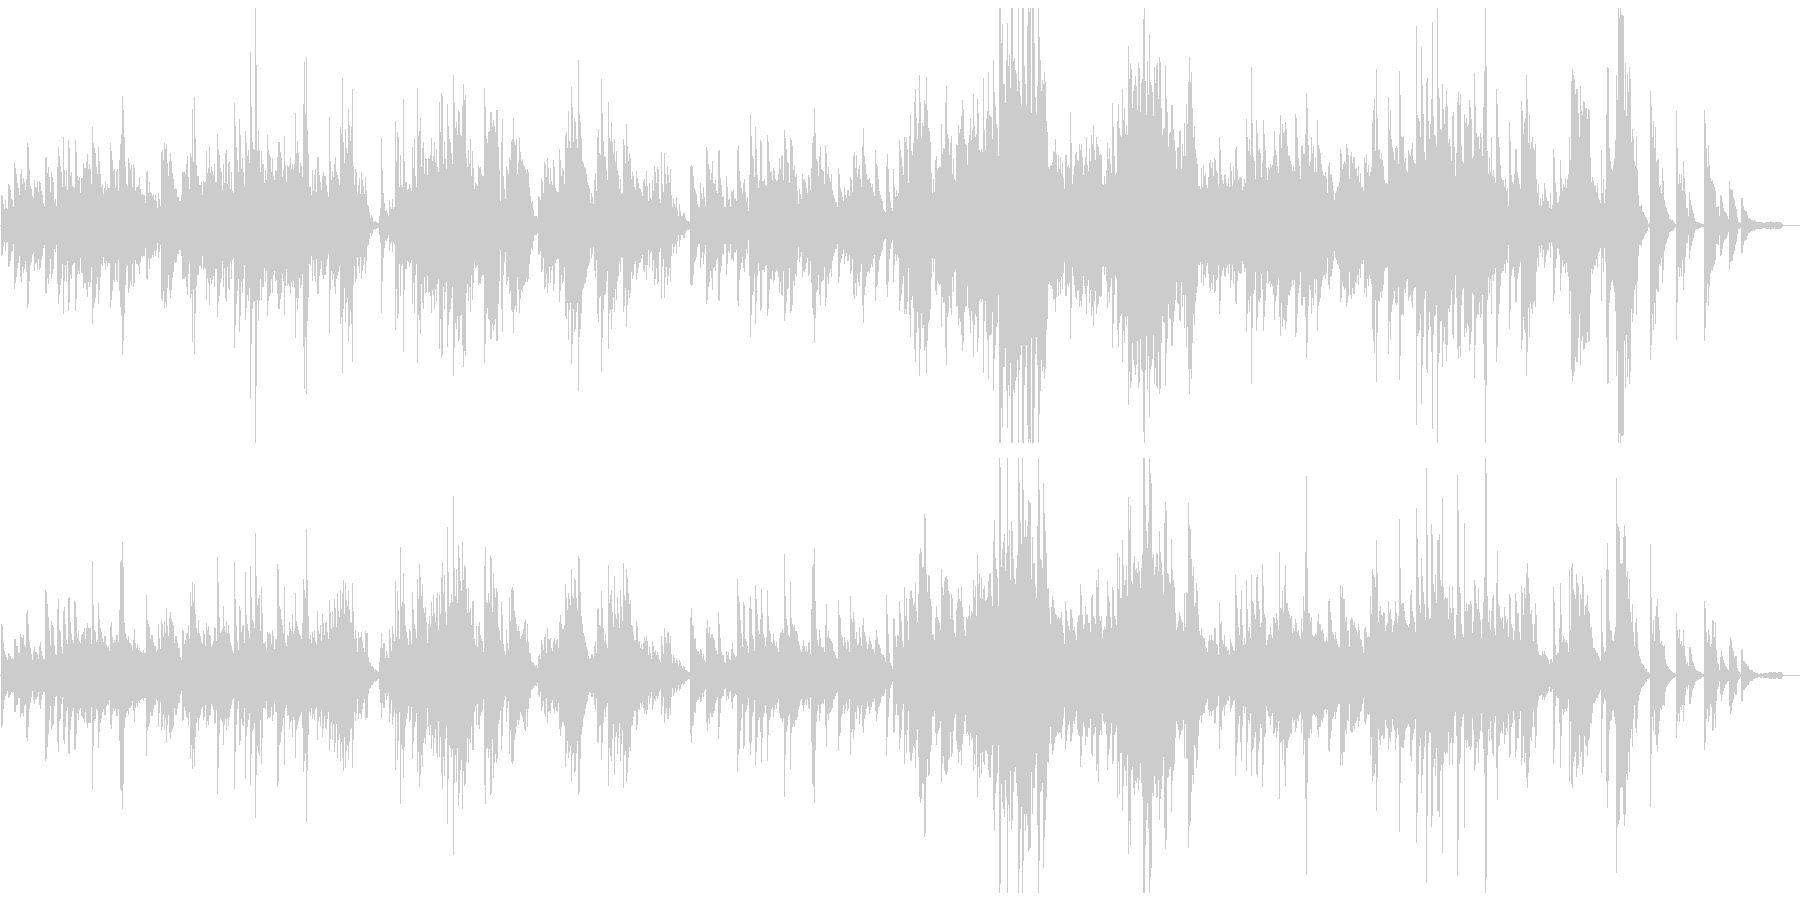 ベートーベンピアノソナタ悲愴2楽章原曲の未再生の波形